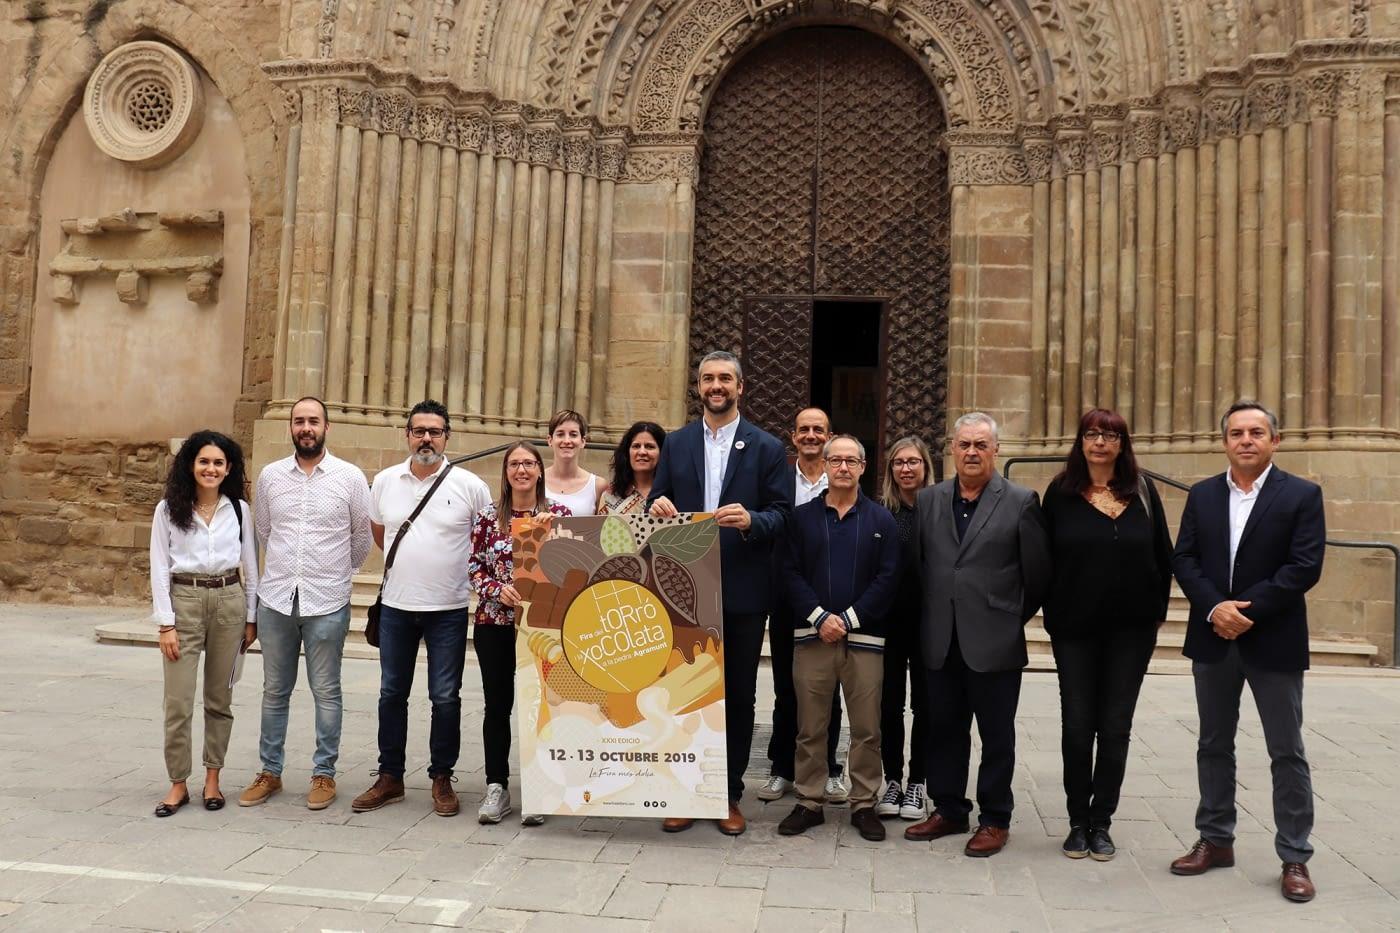 PRESENTACIÓ DE LA XXXI FIRA DEL TORRÓ I LA XOCOLATA A LA PEDRA A AGRAMUNT